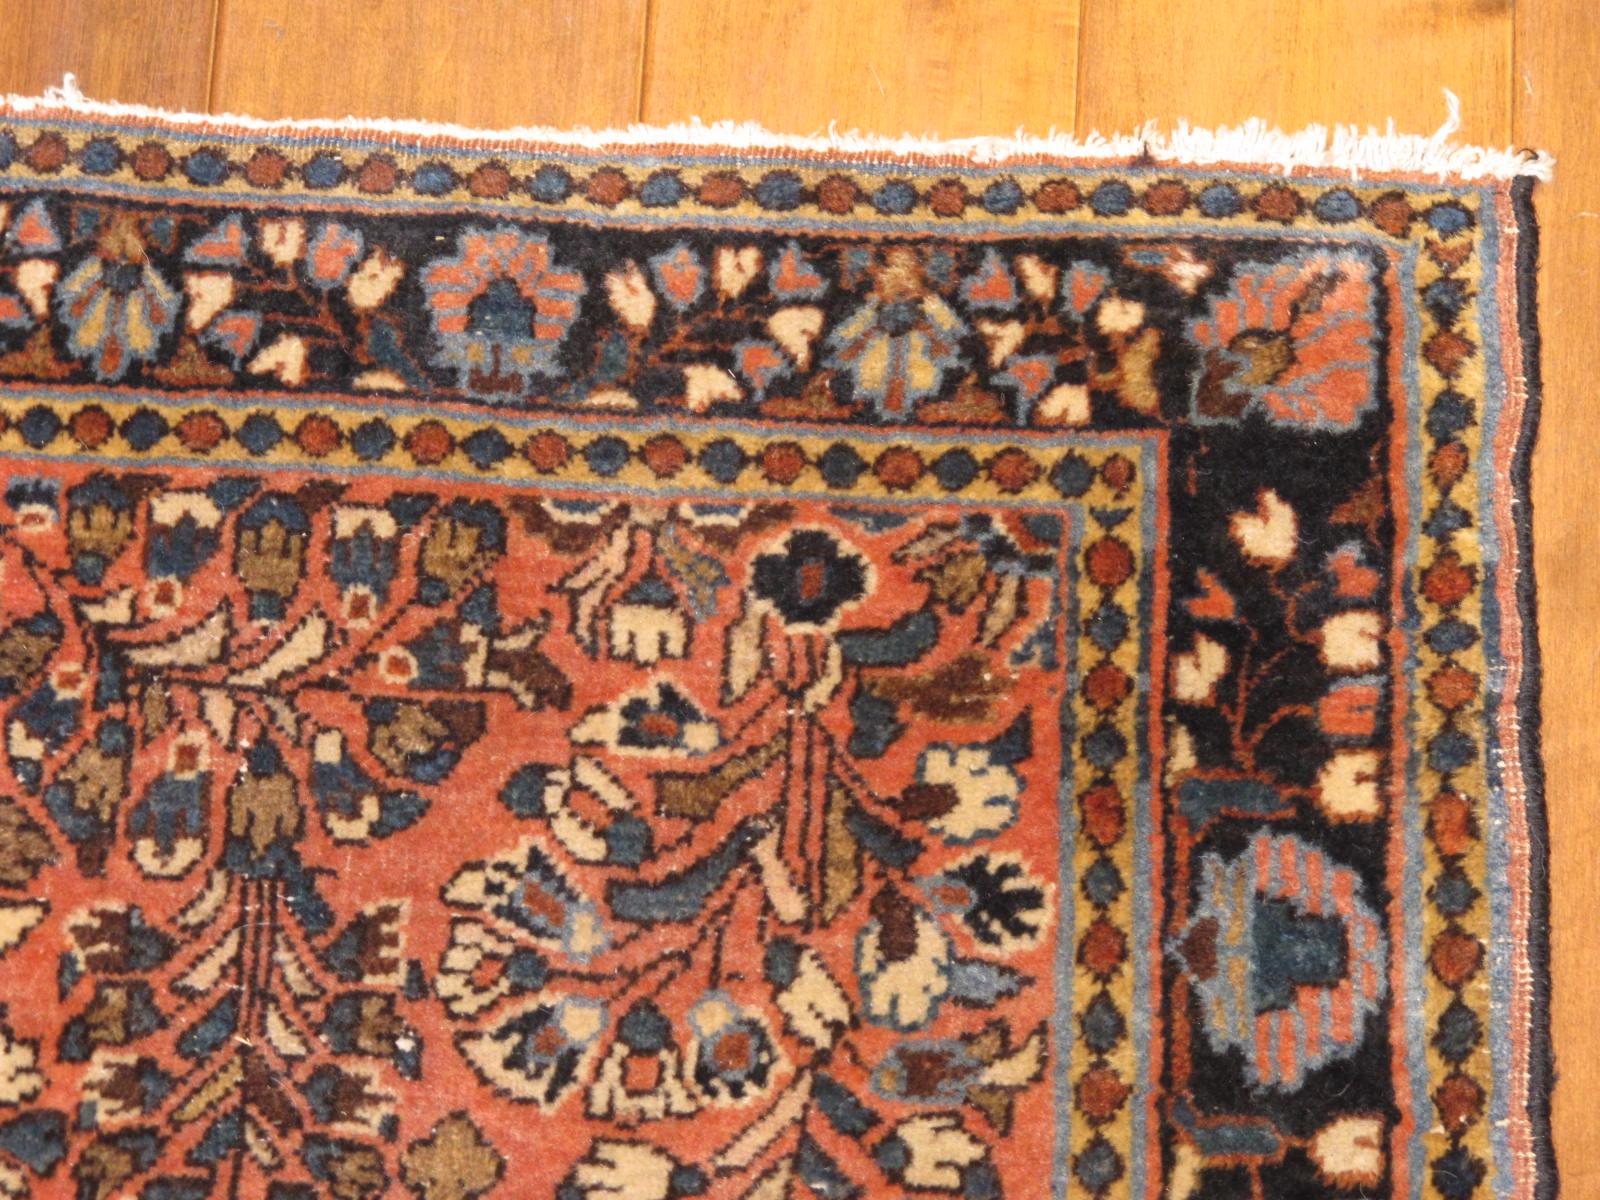 23200 persian sarouk rug 3,1 x 5,1 (2)